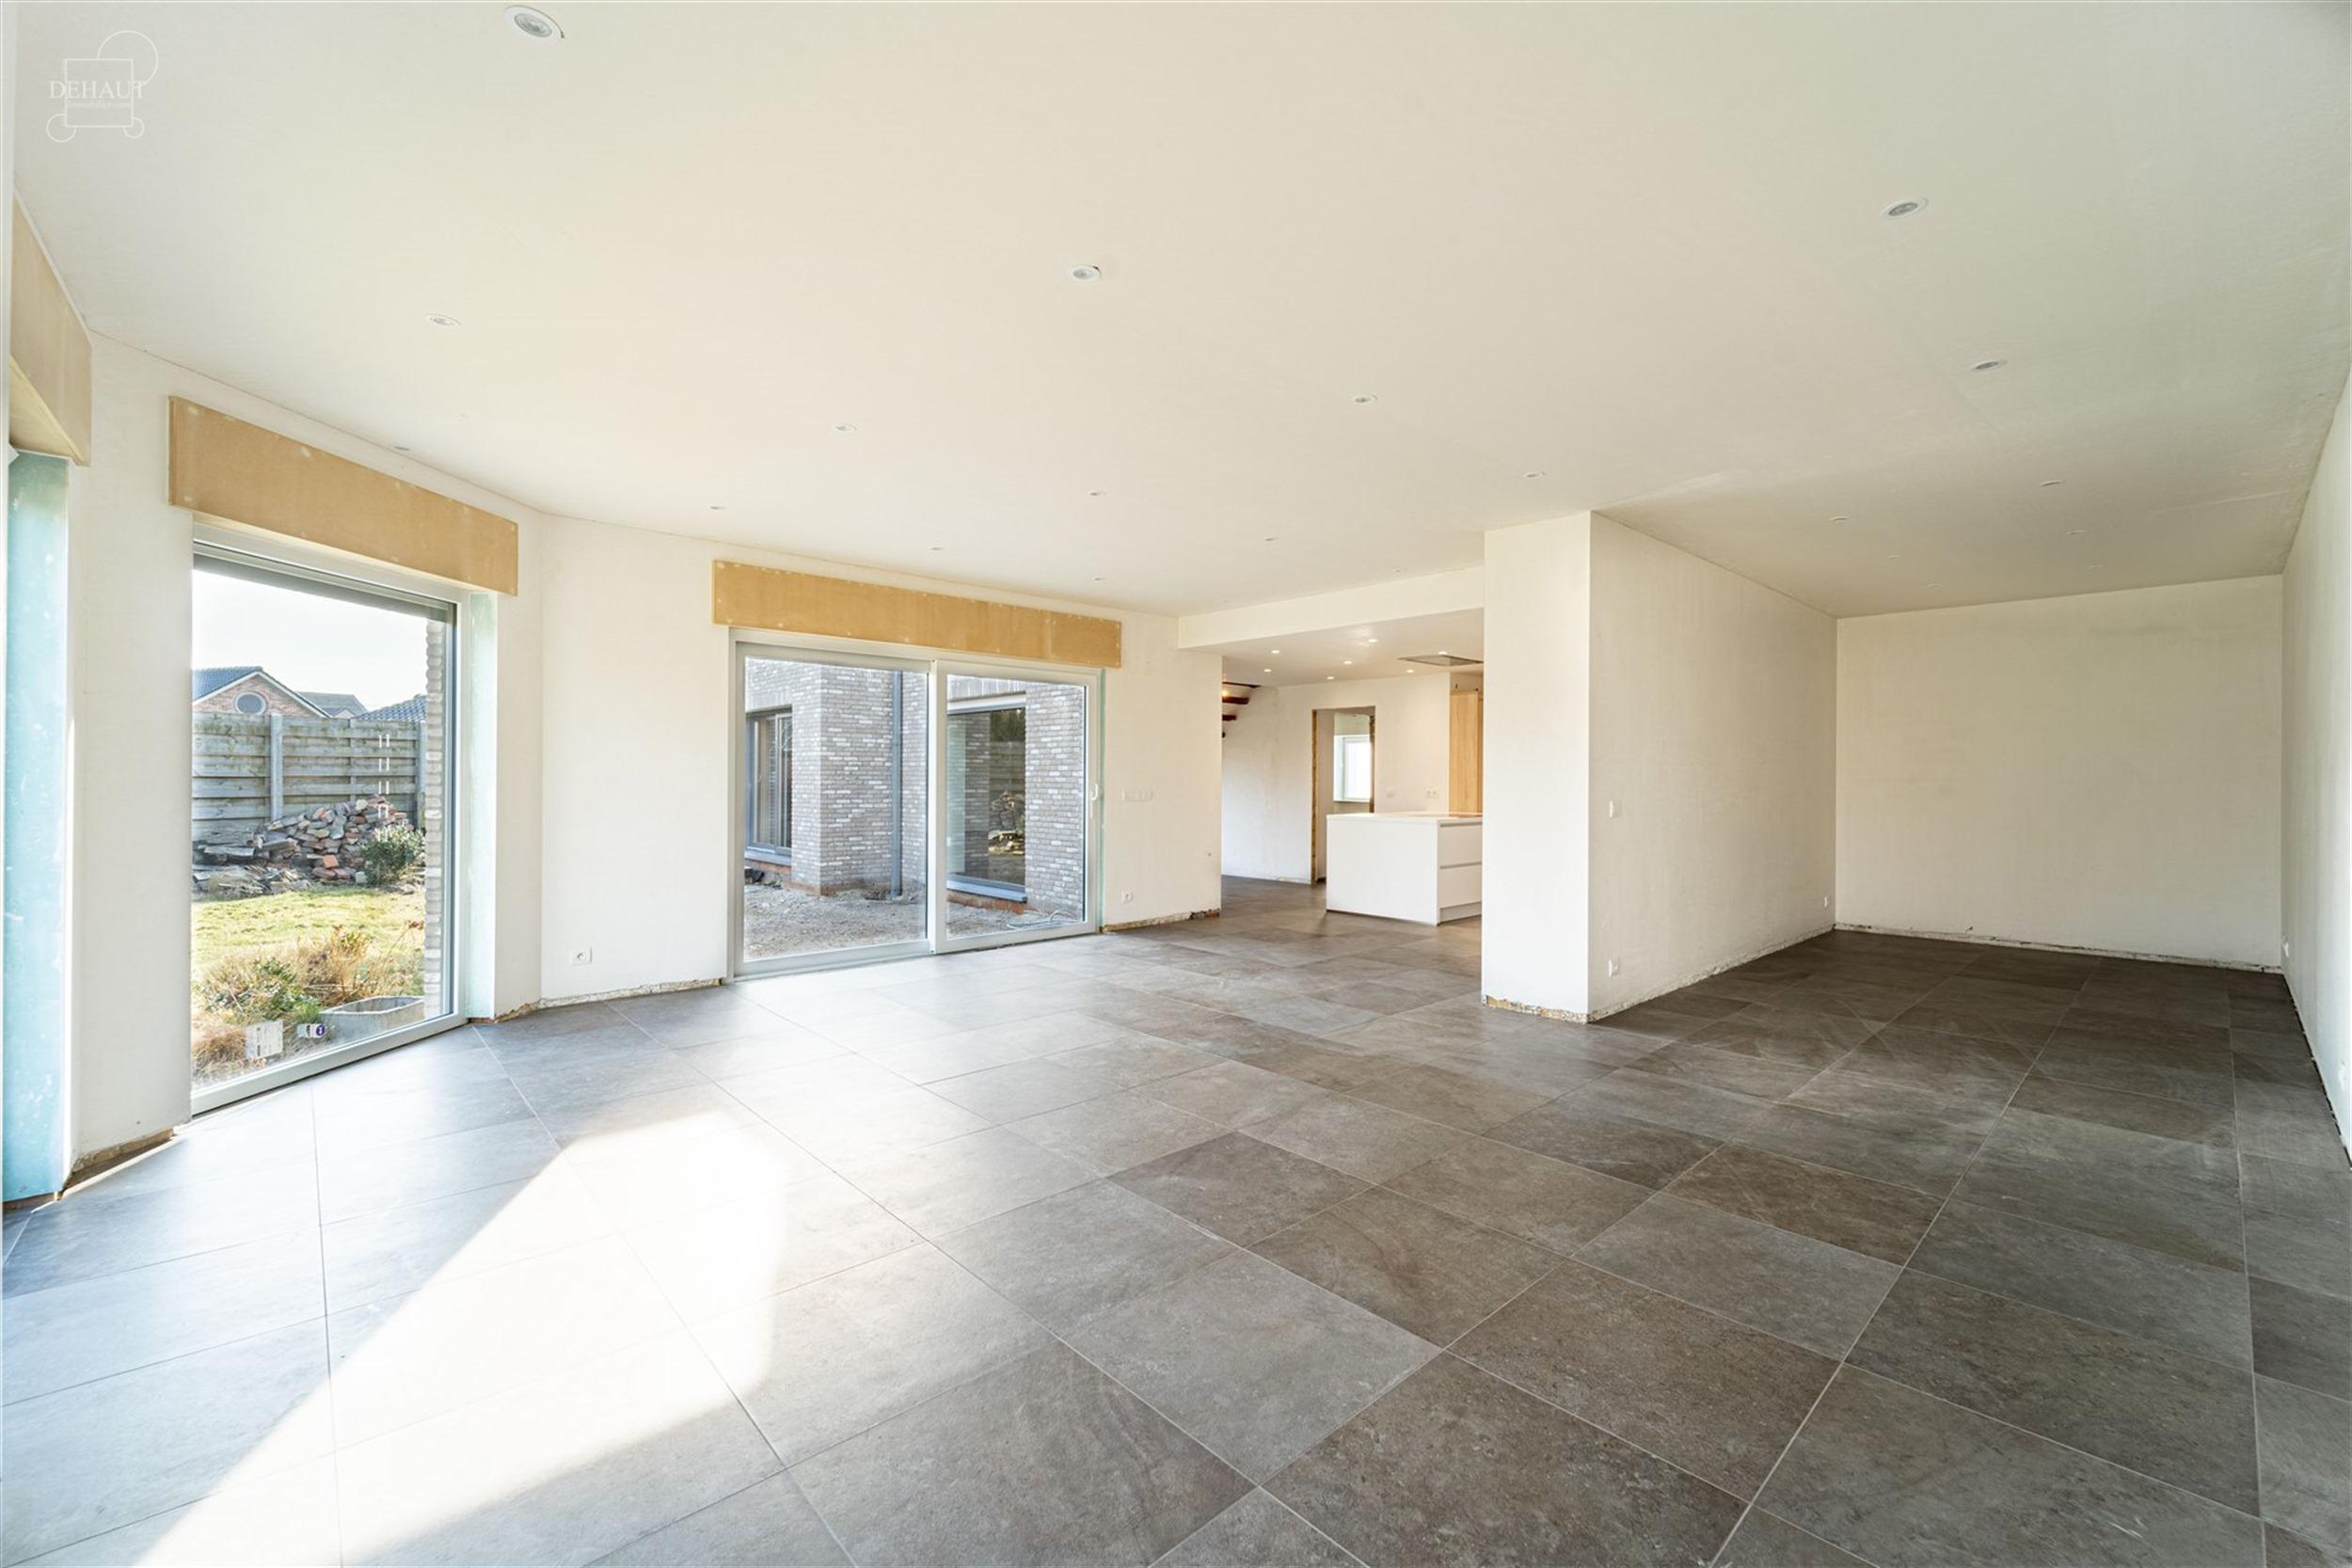 Superbe maison individuelle refaite à neuf avec accès latéral sur env. 654m² de terrain. Travaux à parachever (plinthes, portes, habillage de l'e...